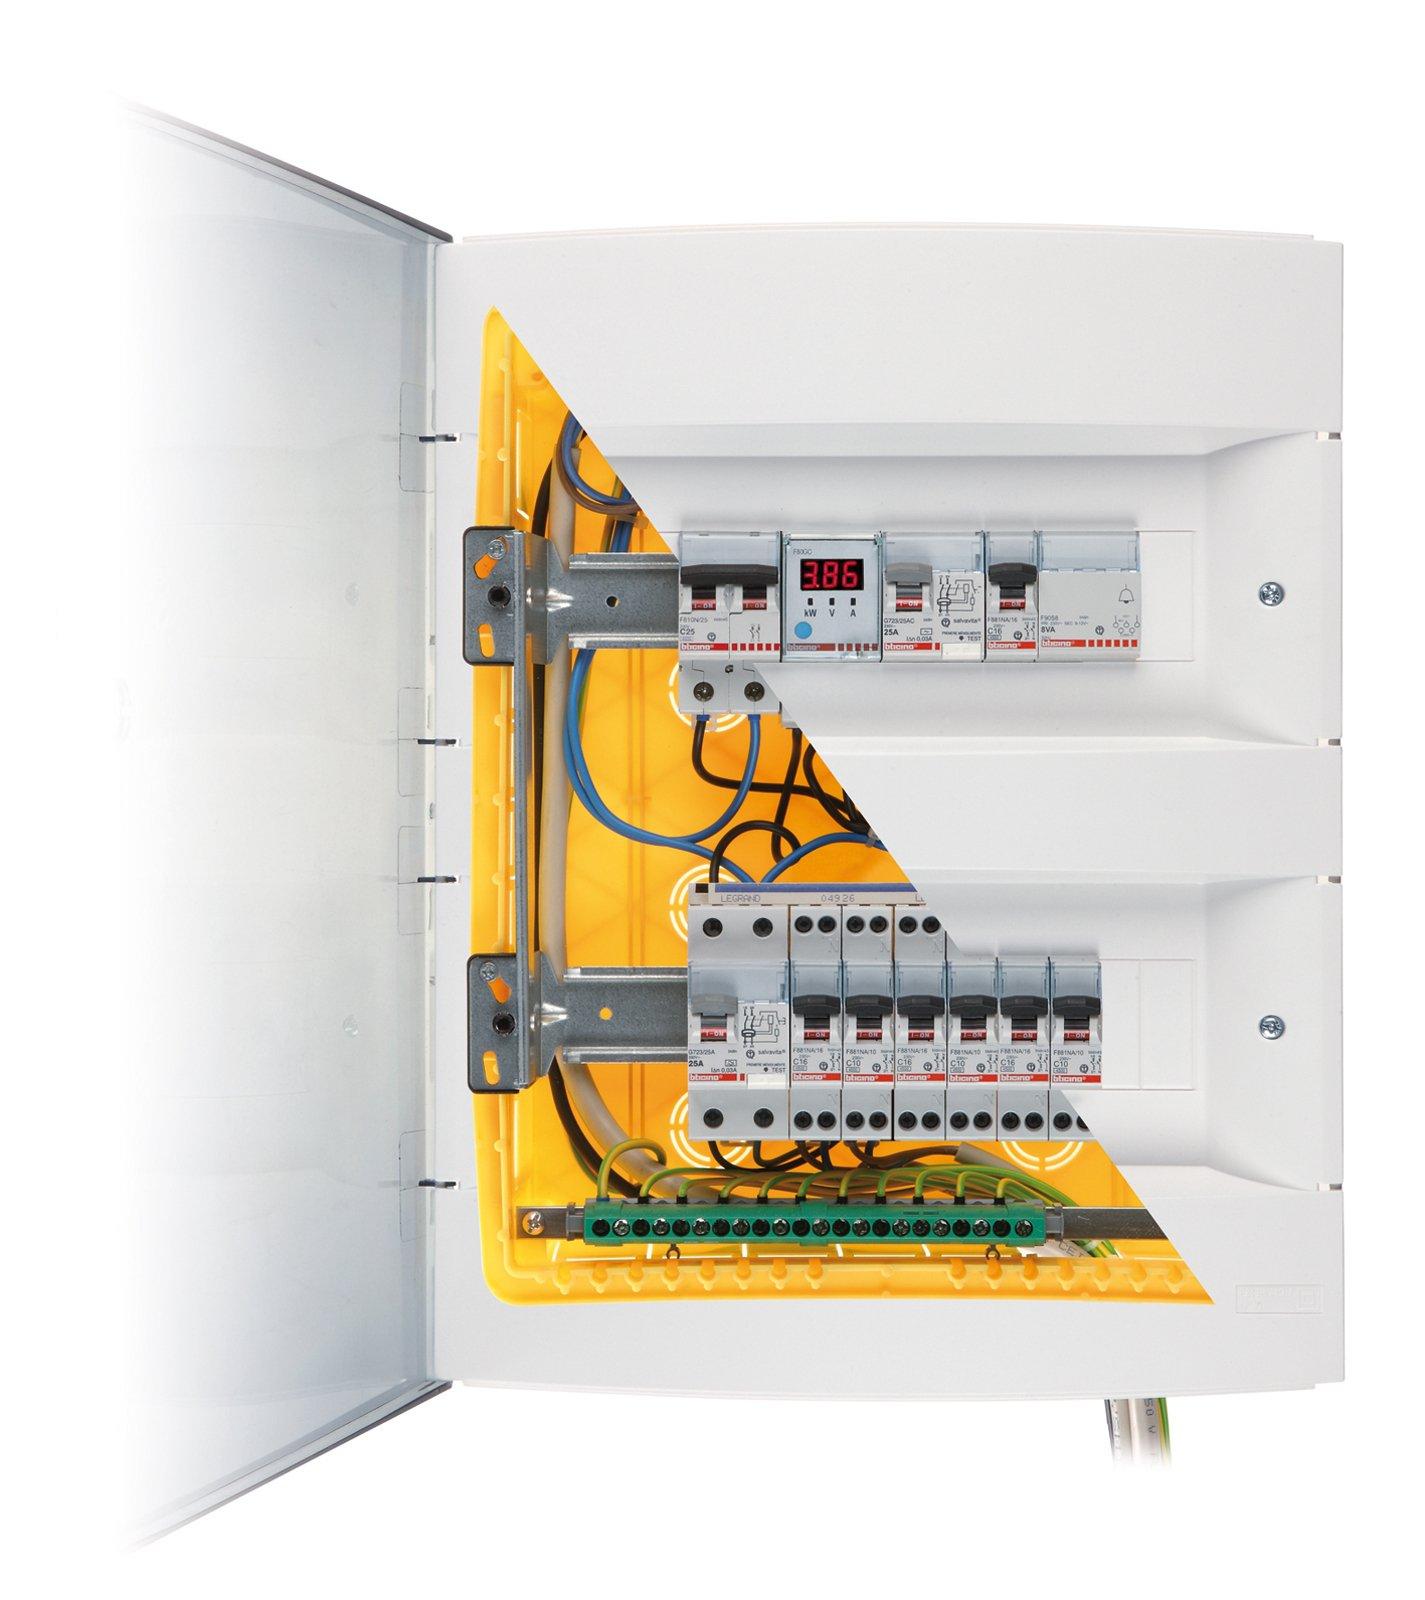 Impianto elettrico nuovo come va fatto cose di casa - Impianto audio casa incasso ...